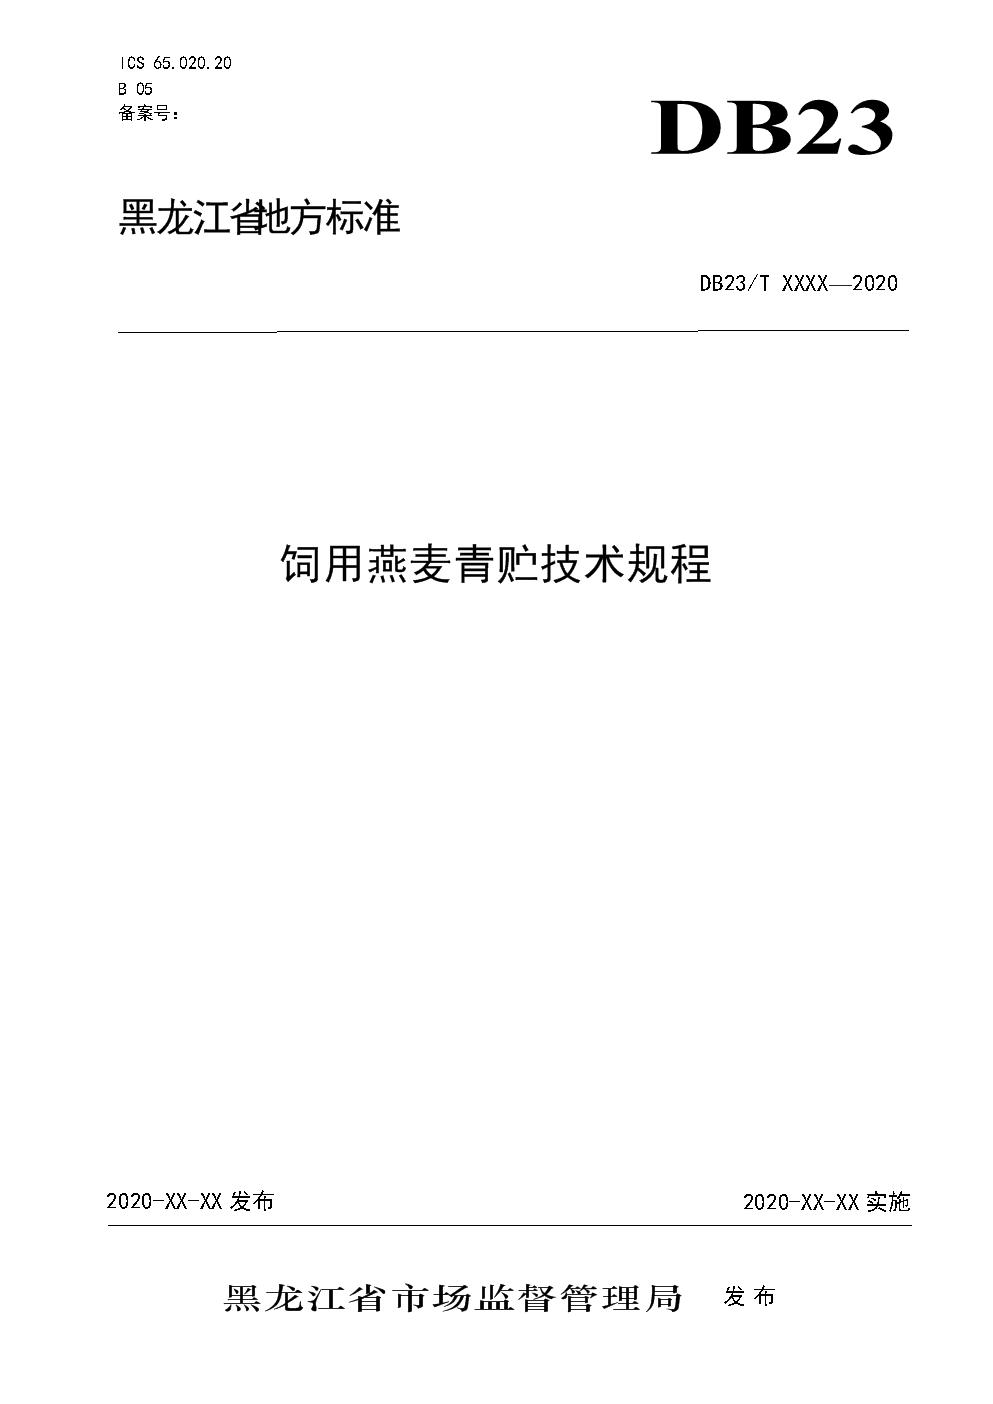 饲用燕麦青贮技术规程.docx